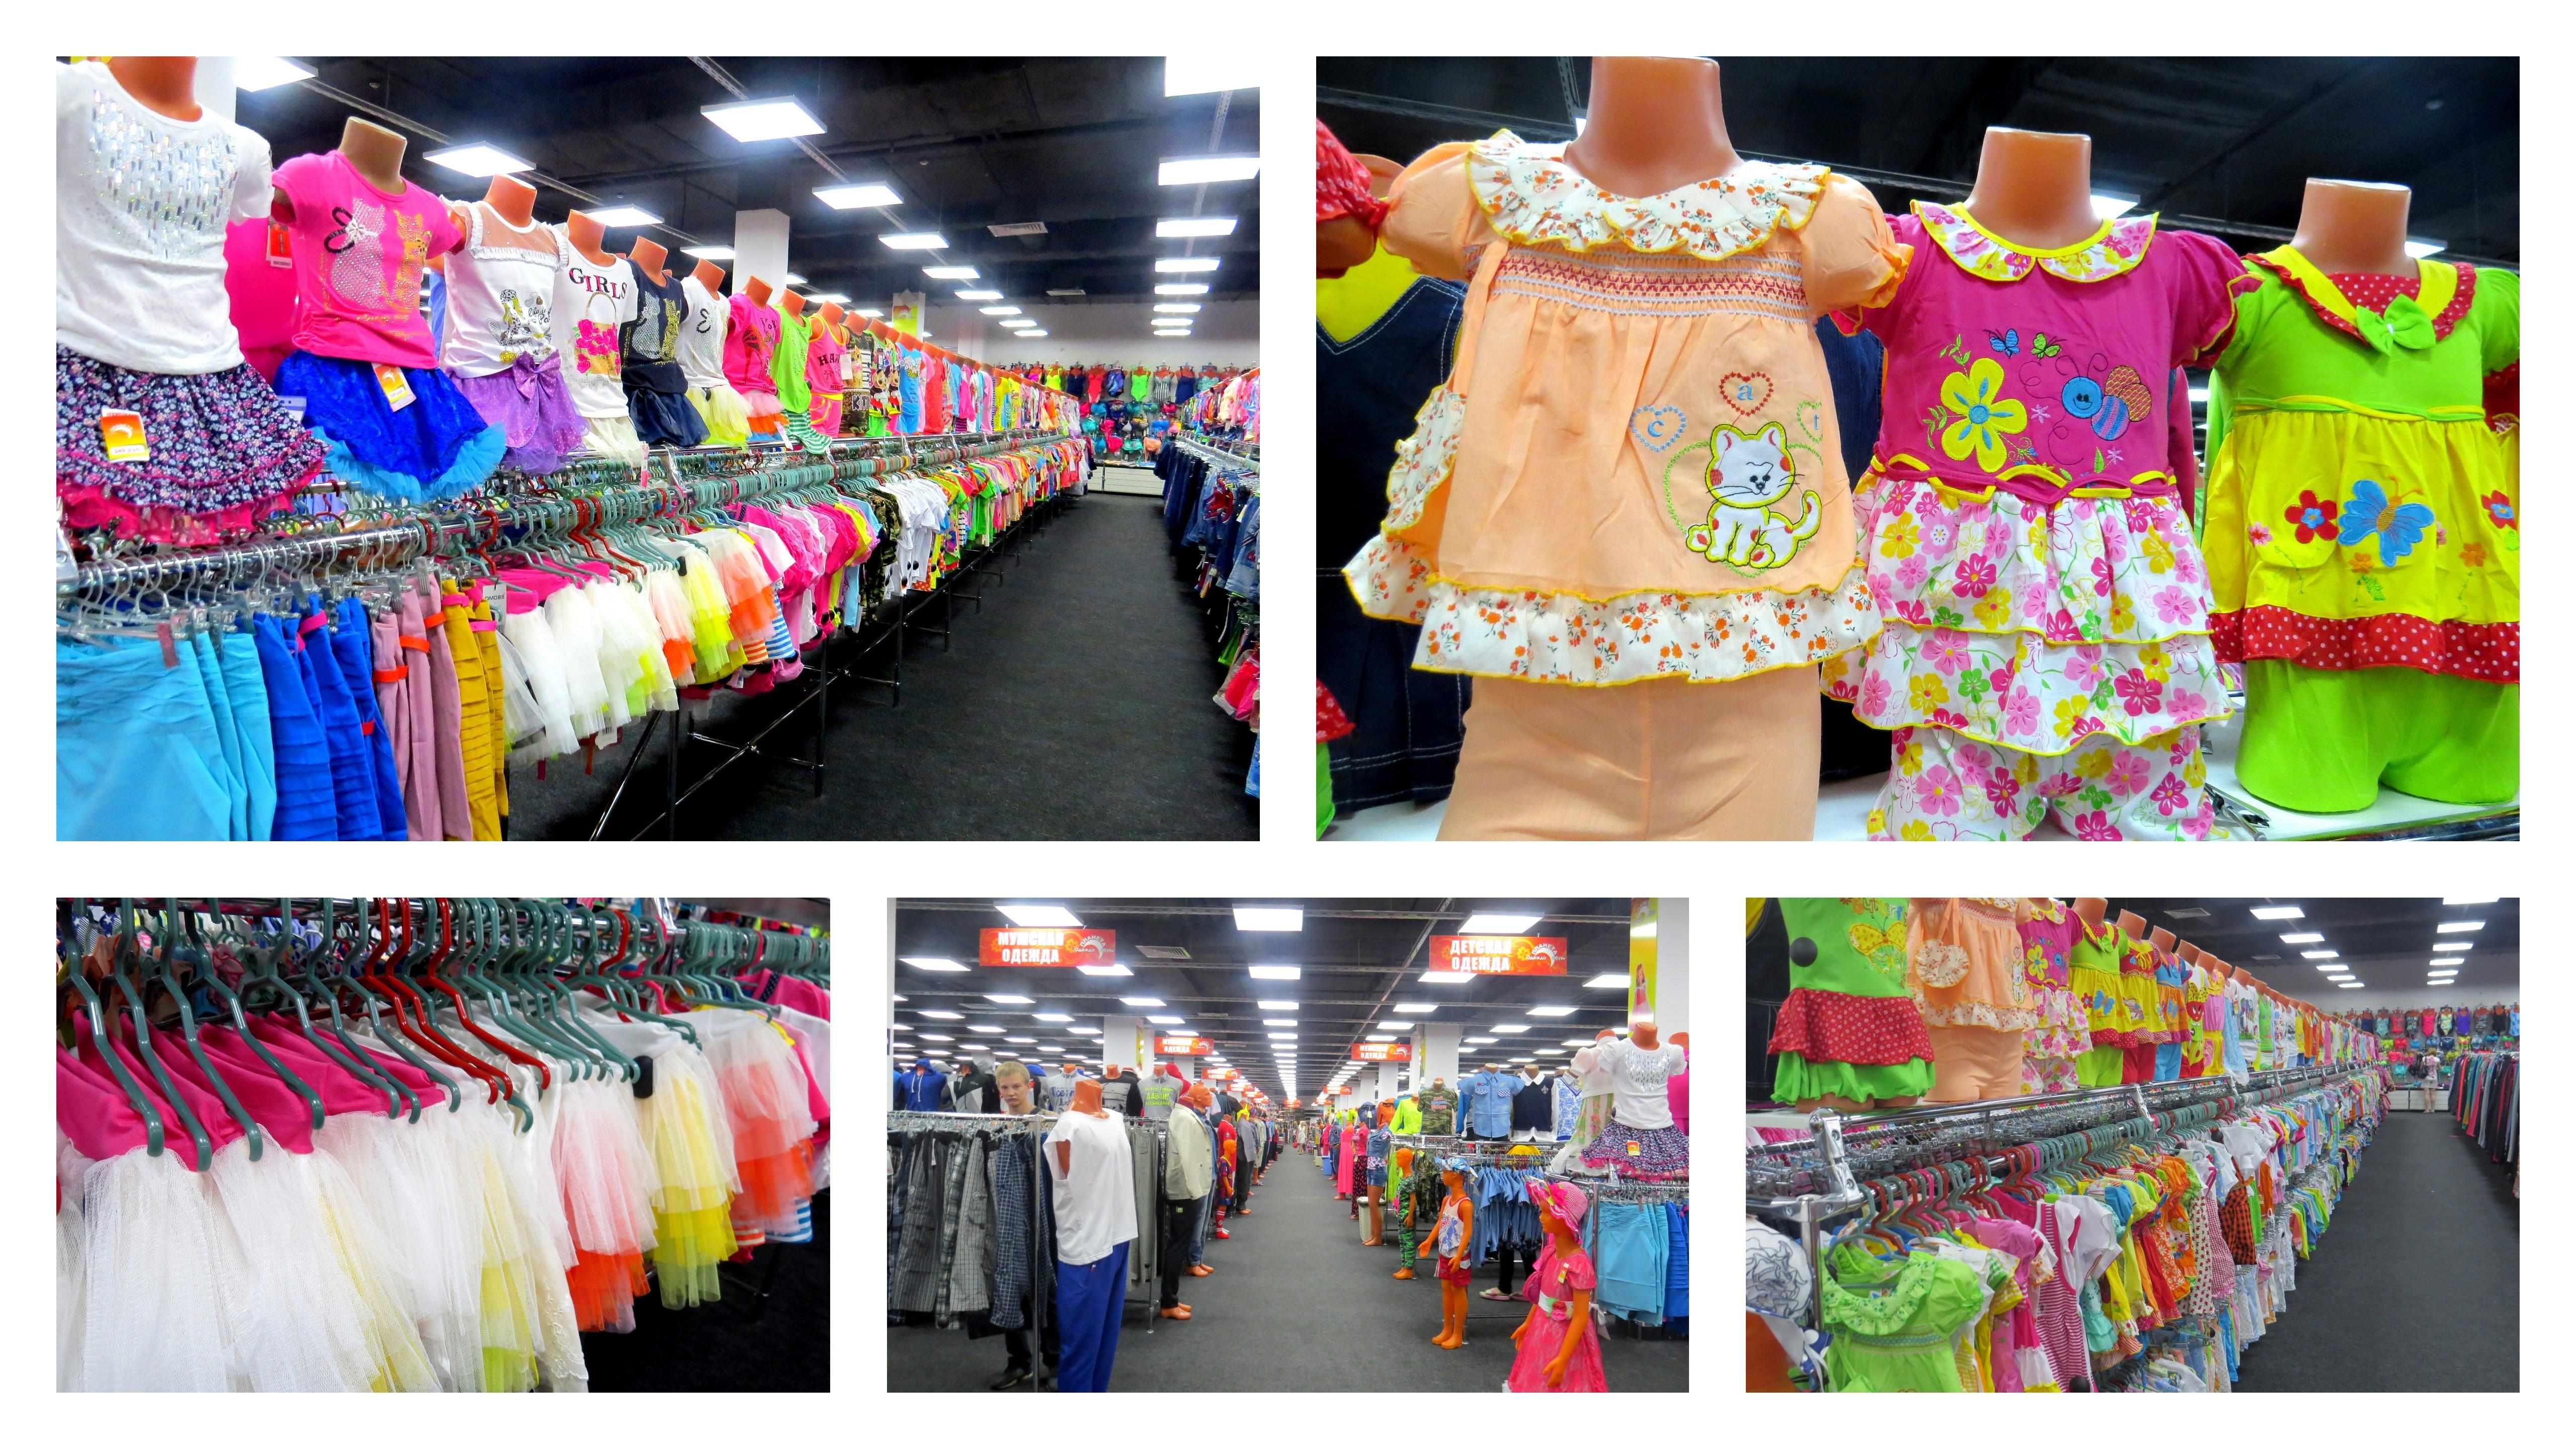 cf5ebab58 Если у вас есть ребенок, то в магазине вы без труда найдете одежду и ему:  широкий выбор вещей для девочек и мальчиков любых возрастов и стилей.